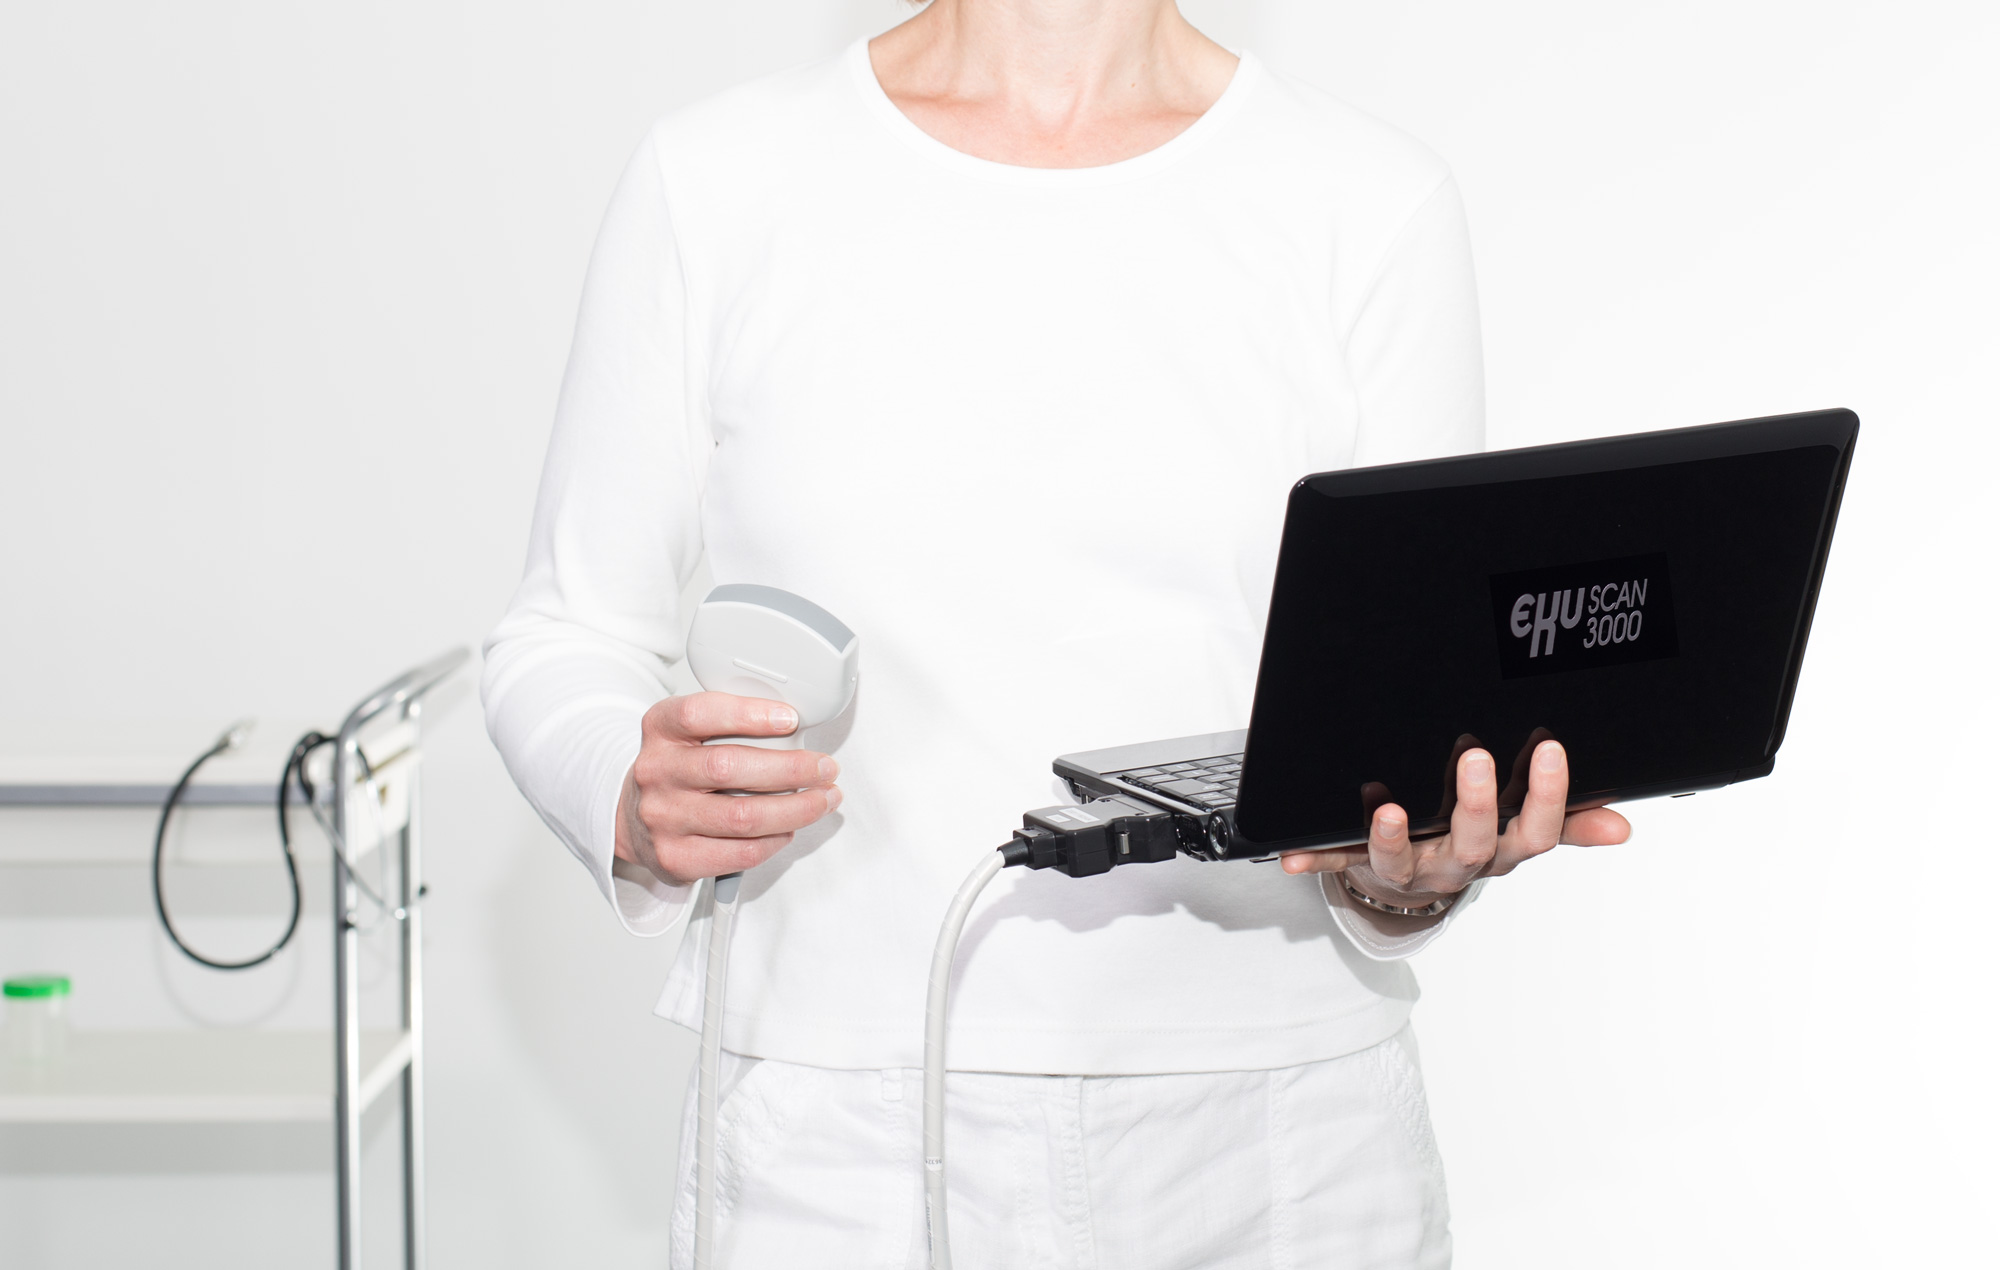 Ultraleichtes Ultraschallgerät